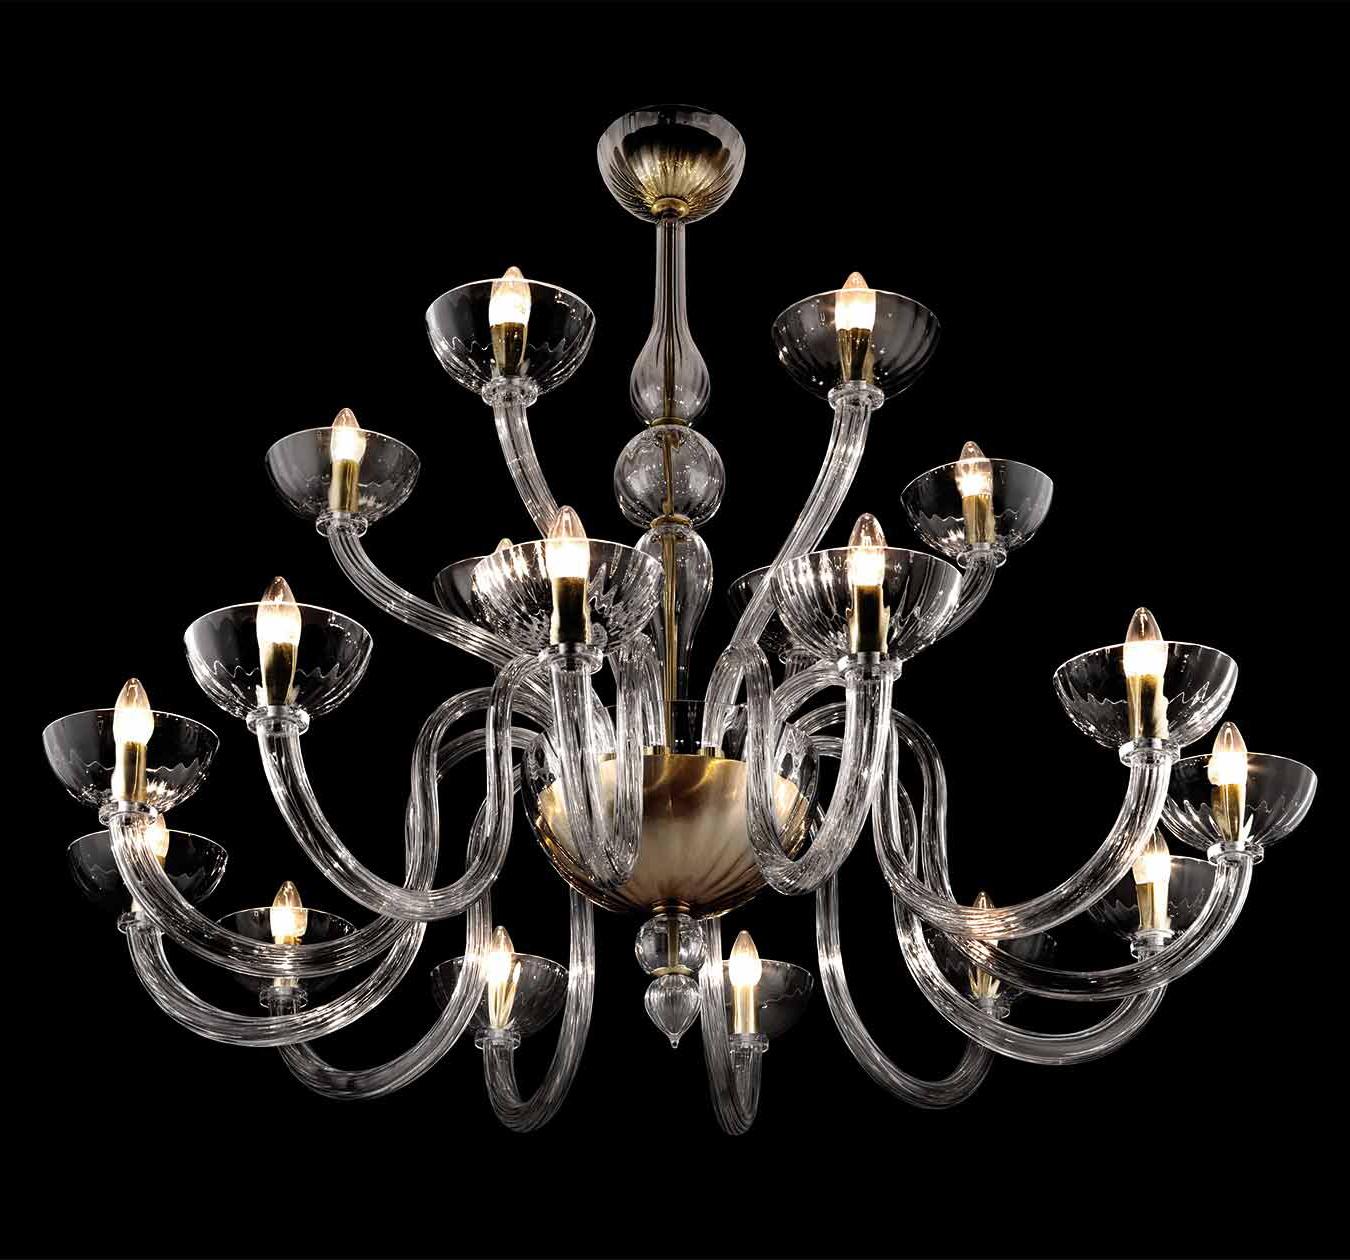 Big lampadario moderno in vetro di murano soffiato lucevetro for Lampadario vetro murano moderni